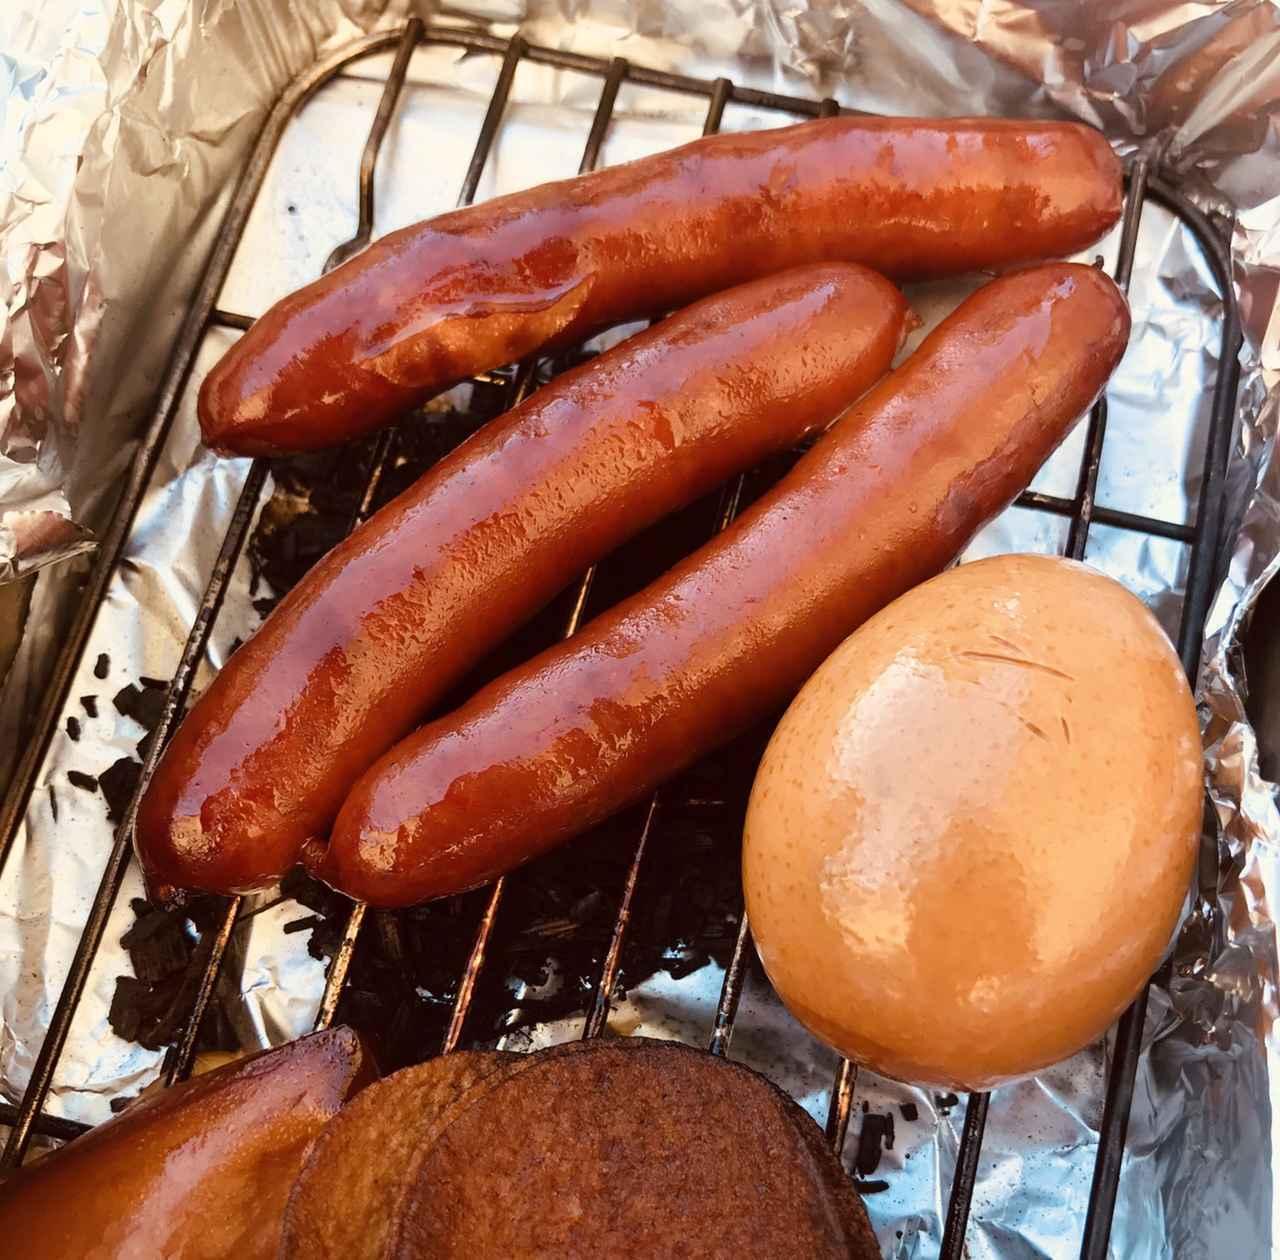 画像: 【超簡単】メスティンを使って、わずか10分で作れる燻製料理をご紹介! - ハピキャン(HAPPY CAMPER)